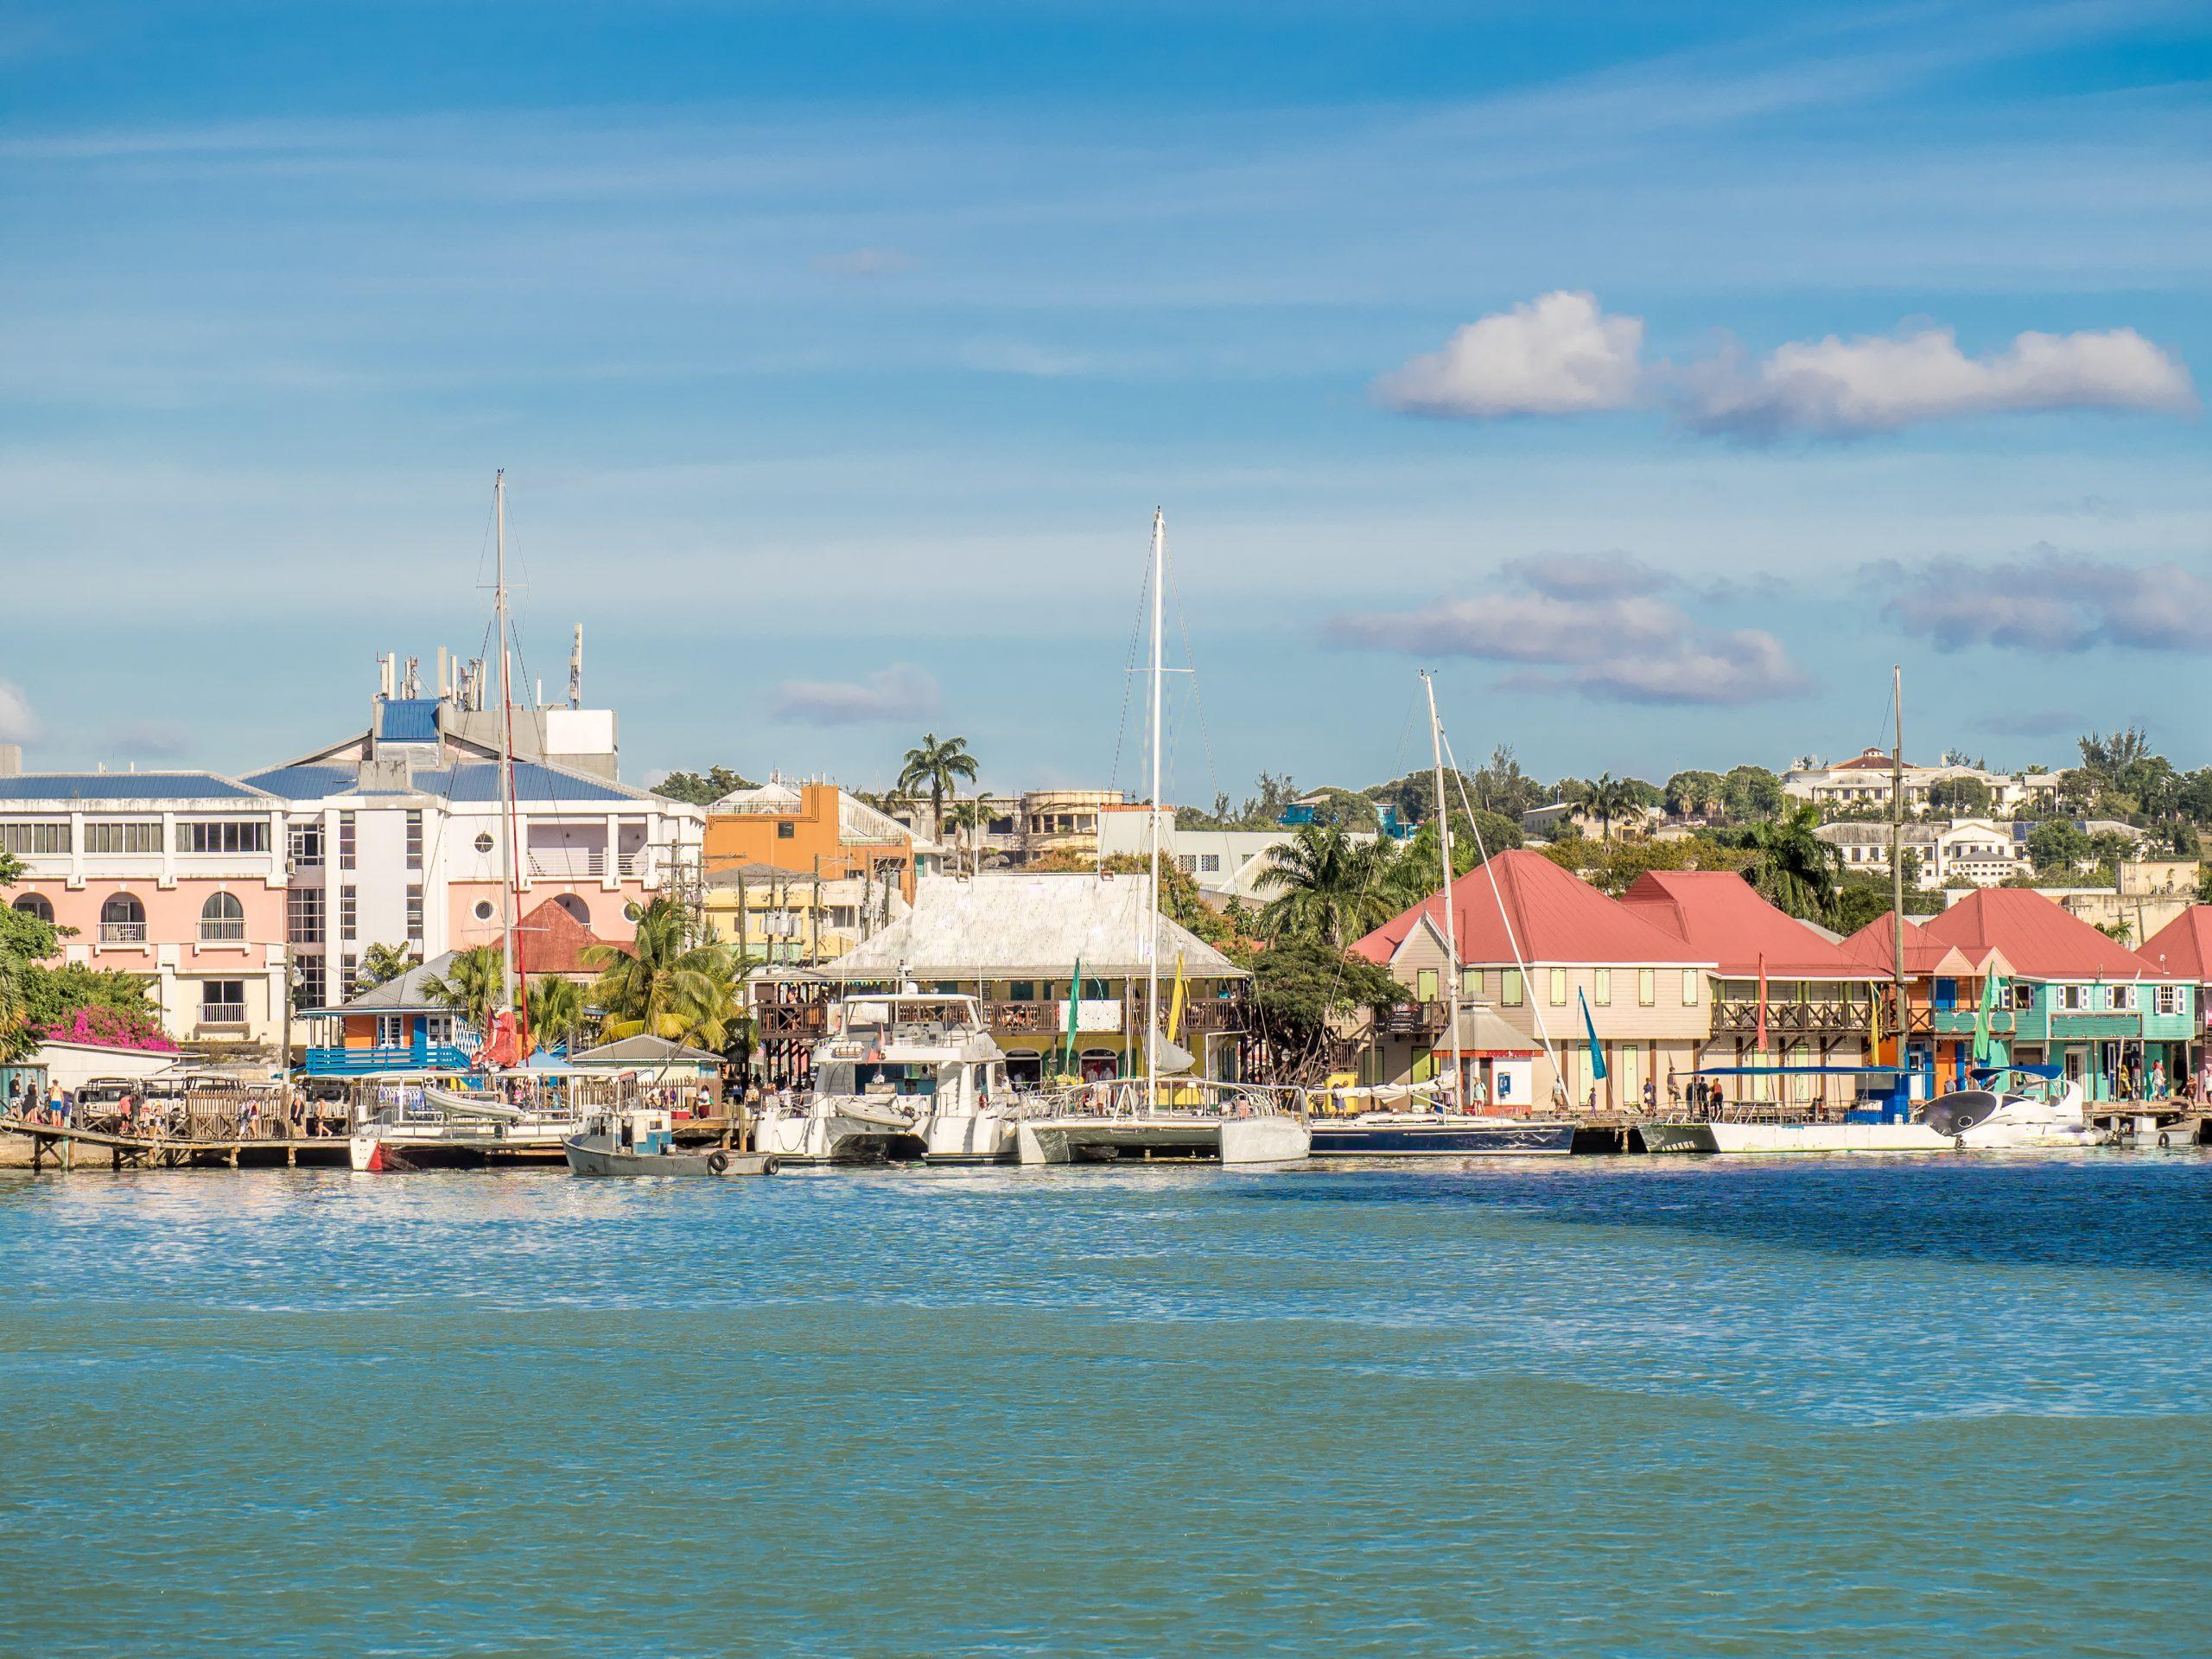 Antiqua and Barbuda